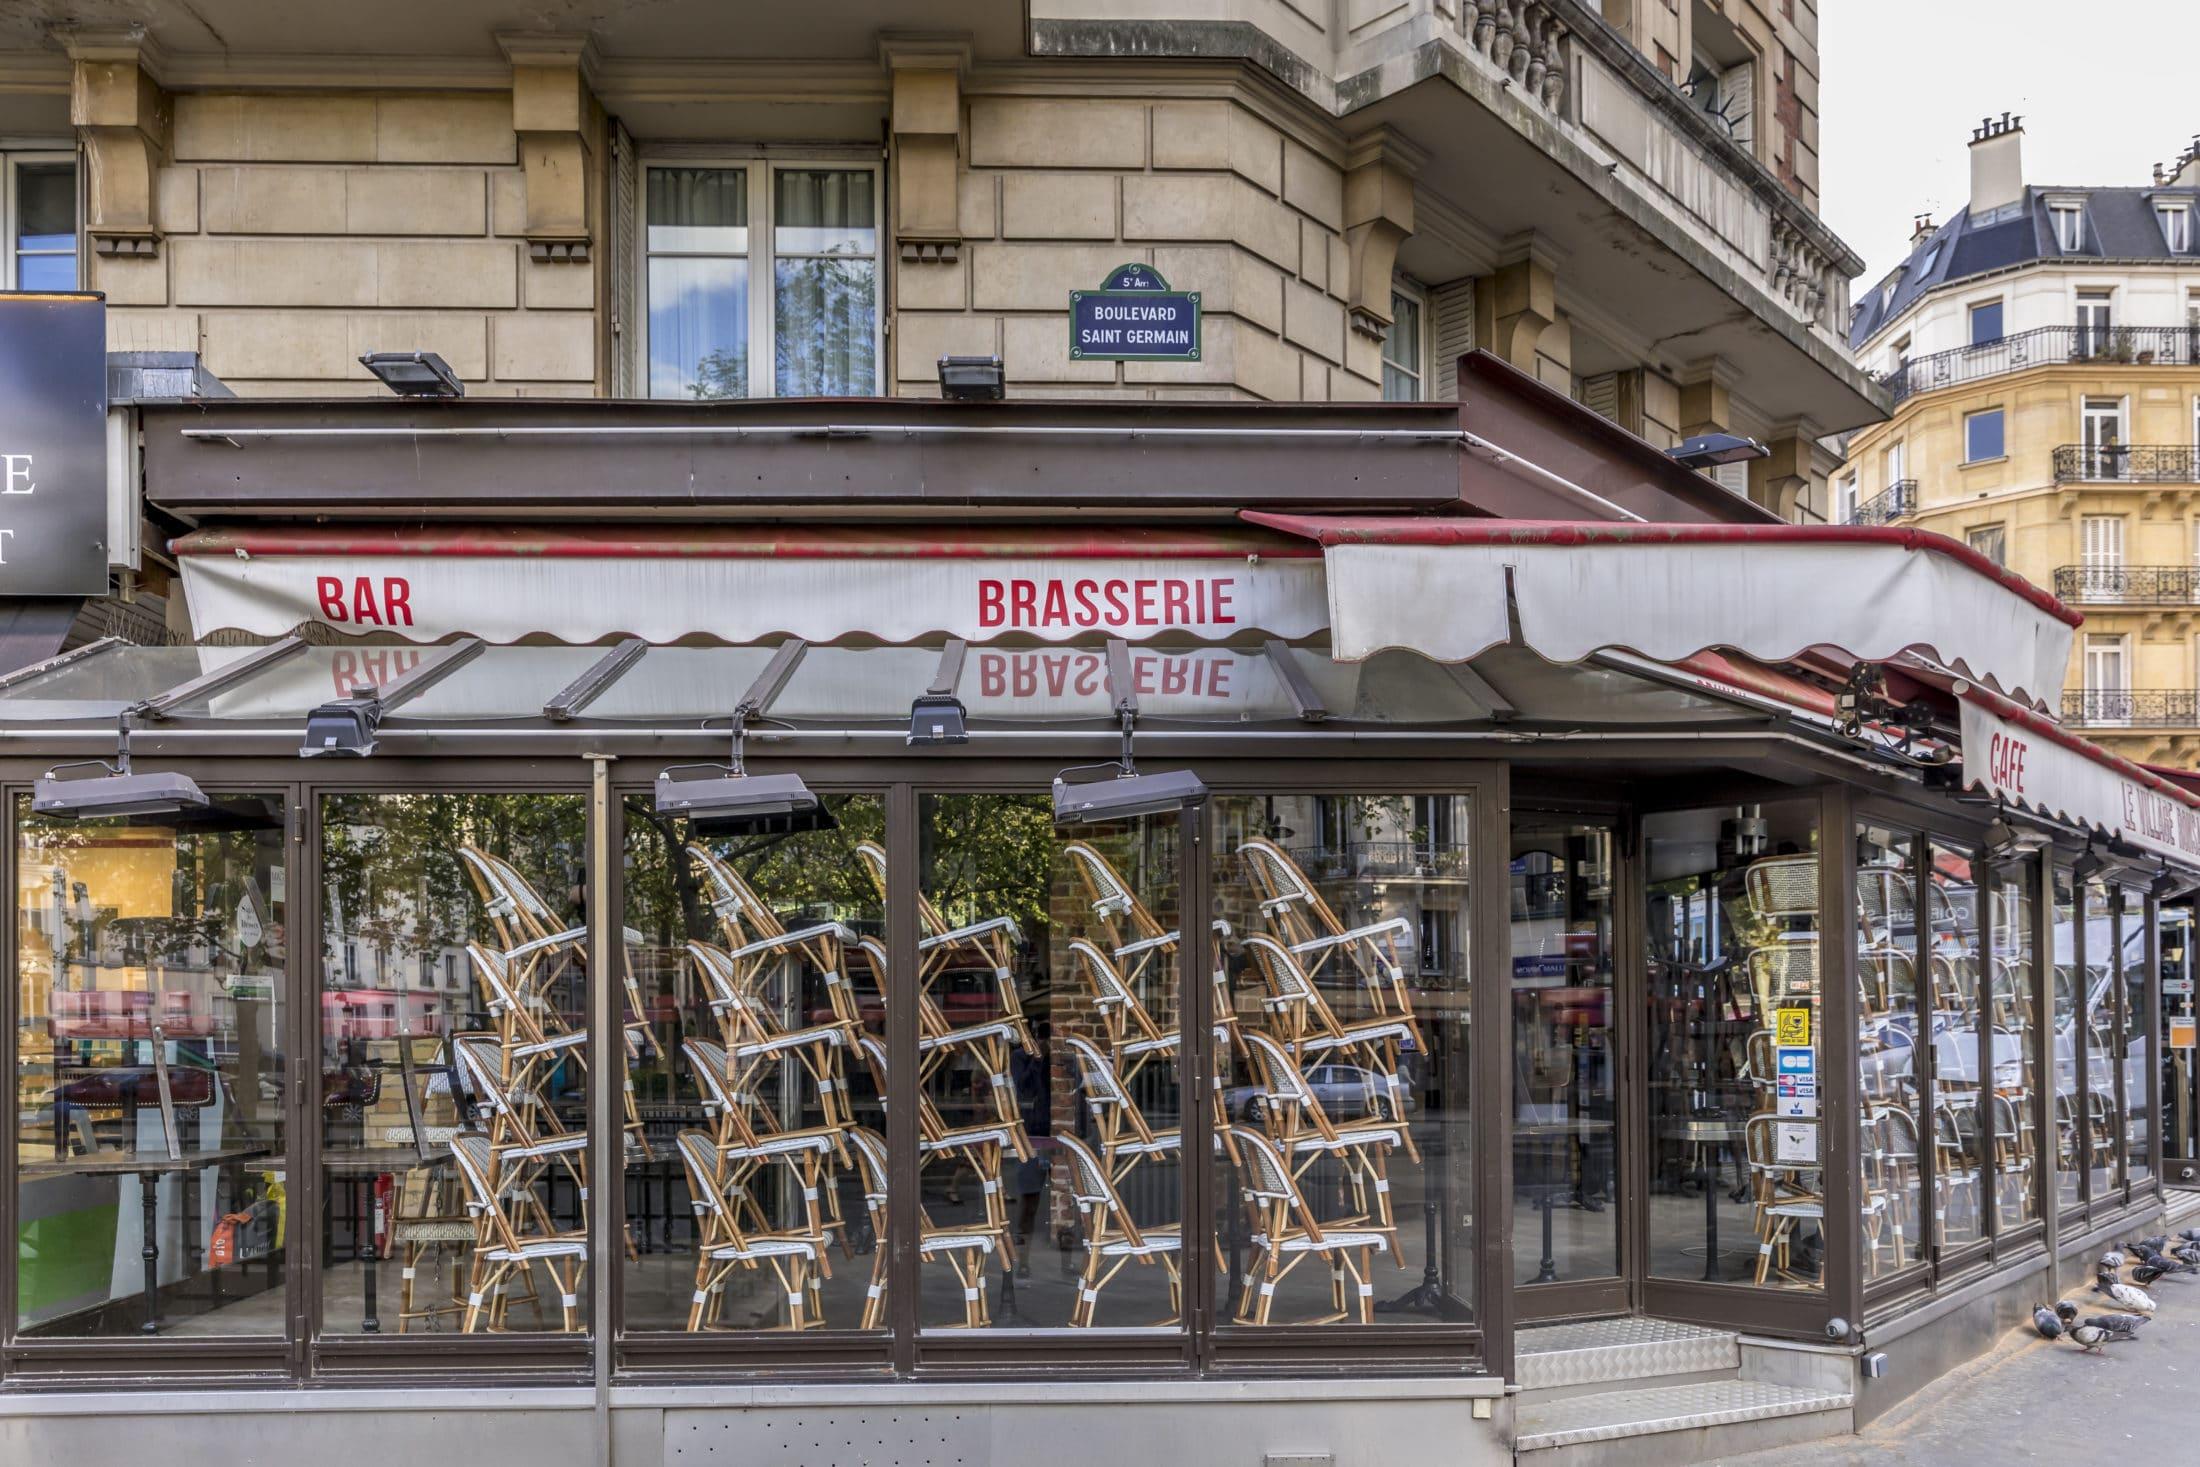 Hazai éttermek, amiket elsodort a Covid – Szeptemberi látlelet